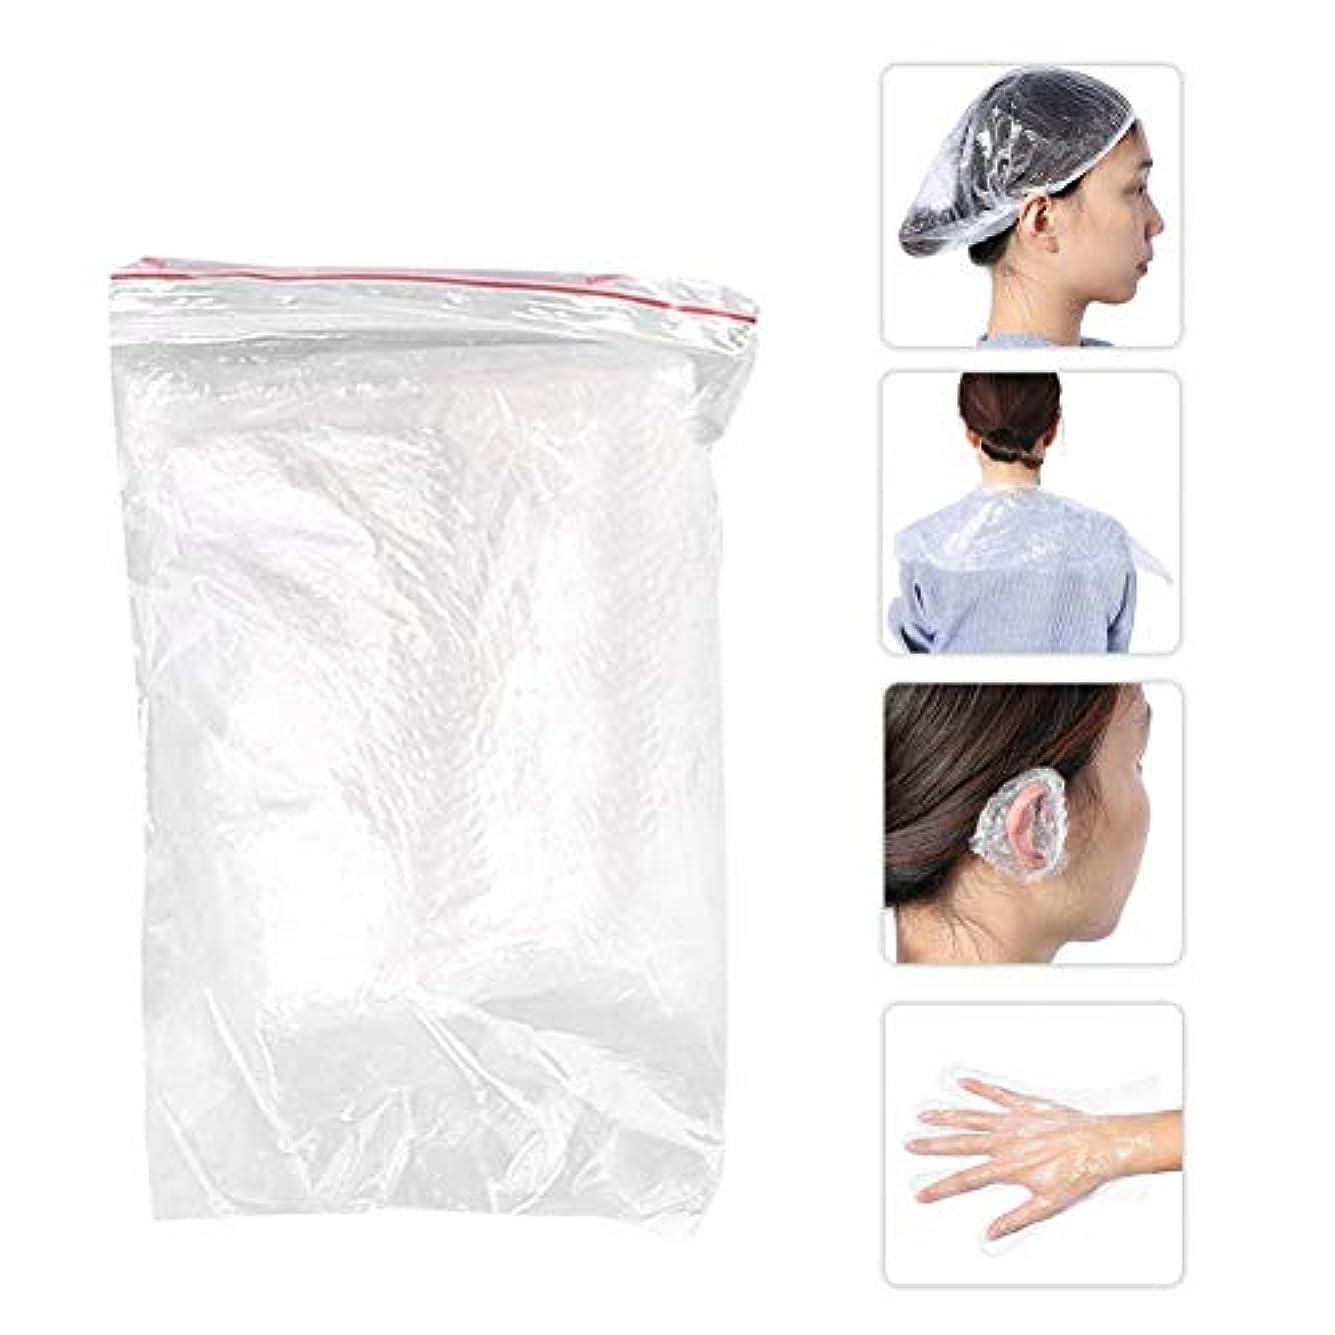 同意する氷より多い美容用品毛染めツール ショールイヤーマフ手袋シャワーキャップ10セット使い捨てサロン シャワーキャップ耳カバー手袋